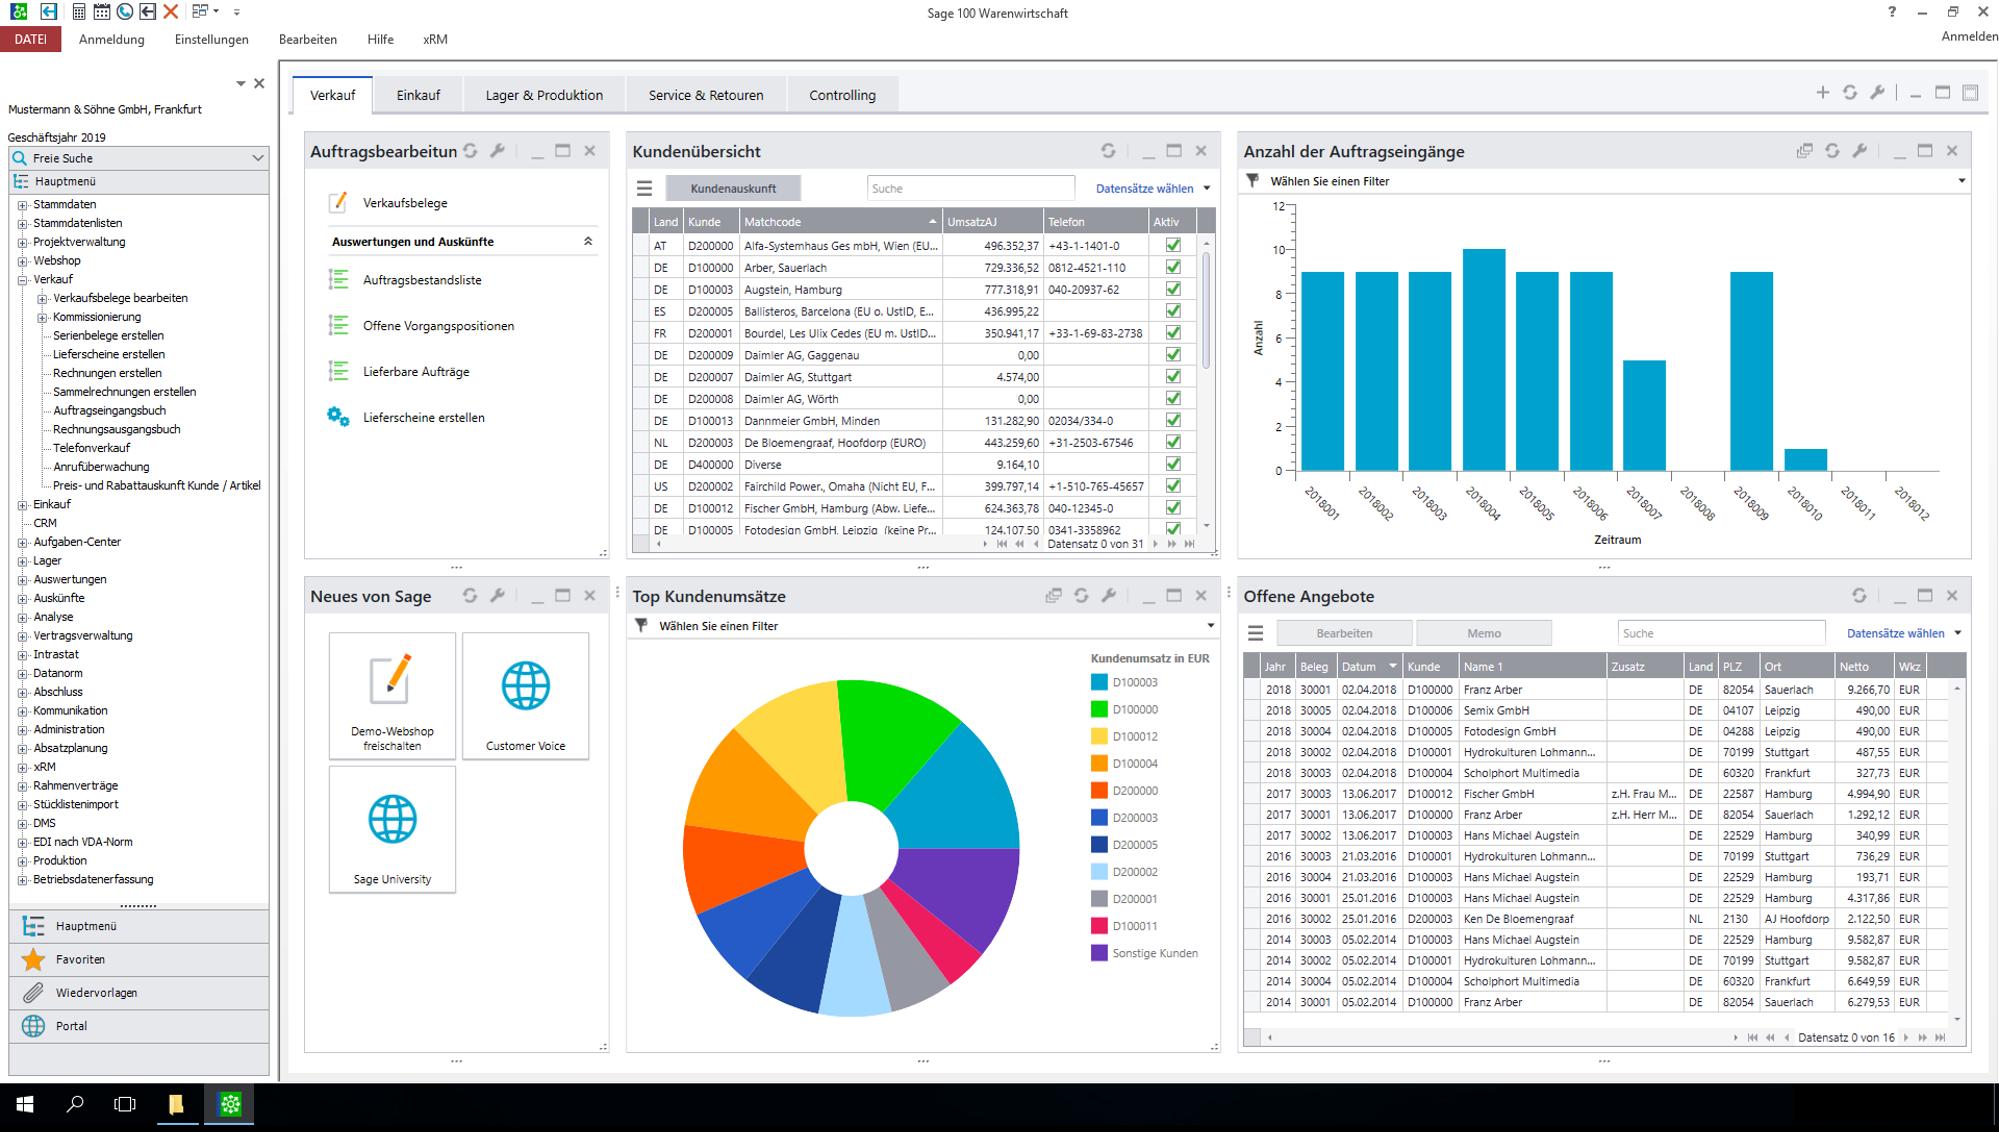 Screenshot Warenwirtschaft Dashboard mit Diagrammen